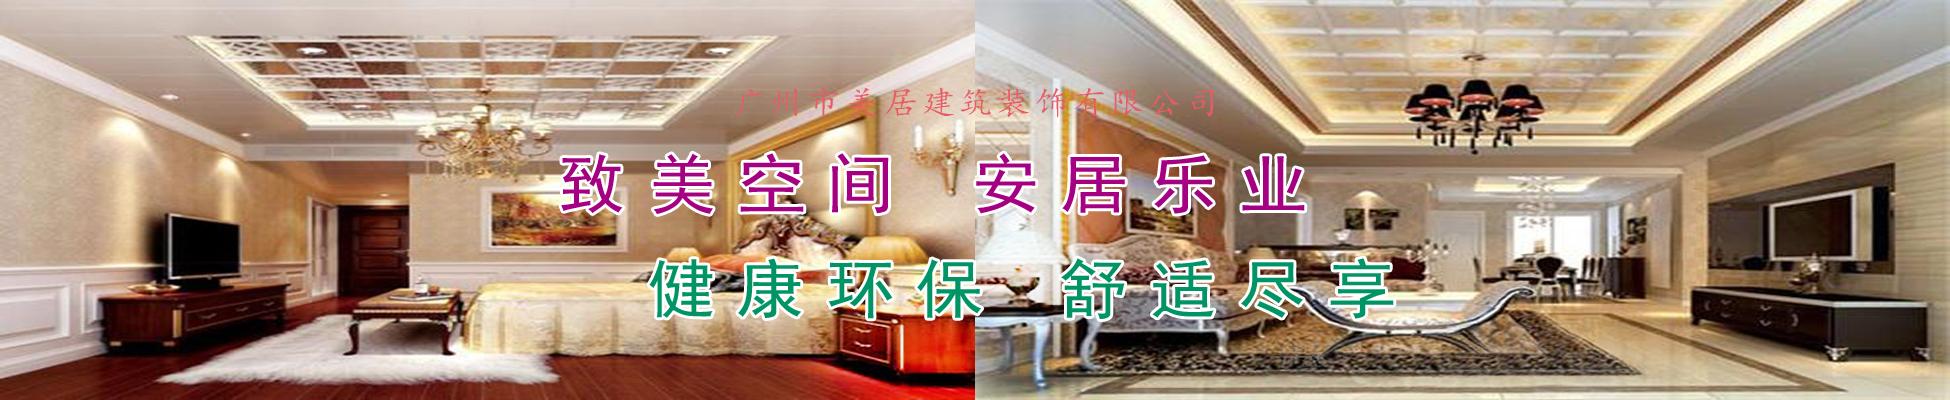 美居裝飾網-廣州市美居建筑裝飾有限公司提供地板定制安裝,鎖扣地板,pvc塑膠地板,地坪自流平裝潢